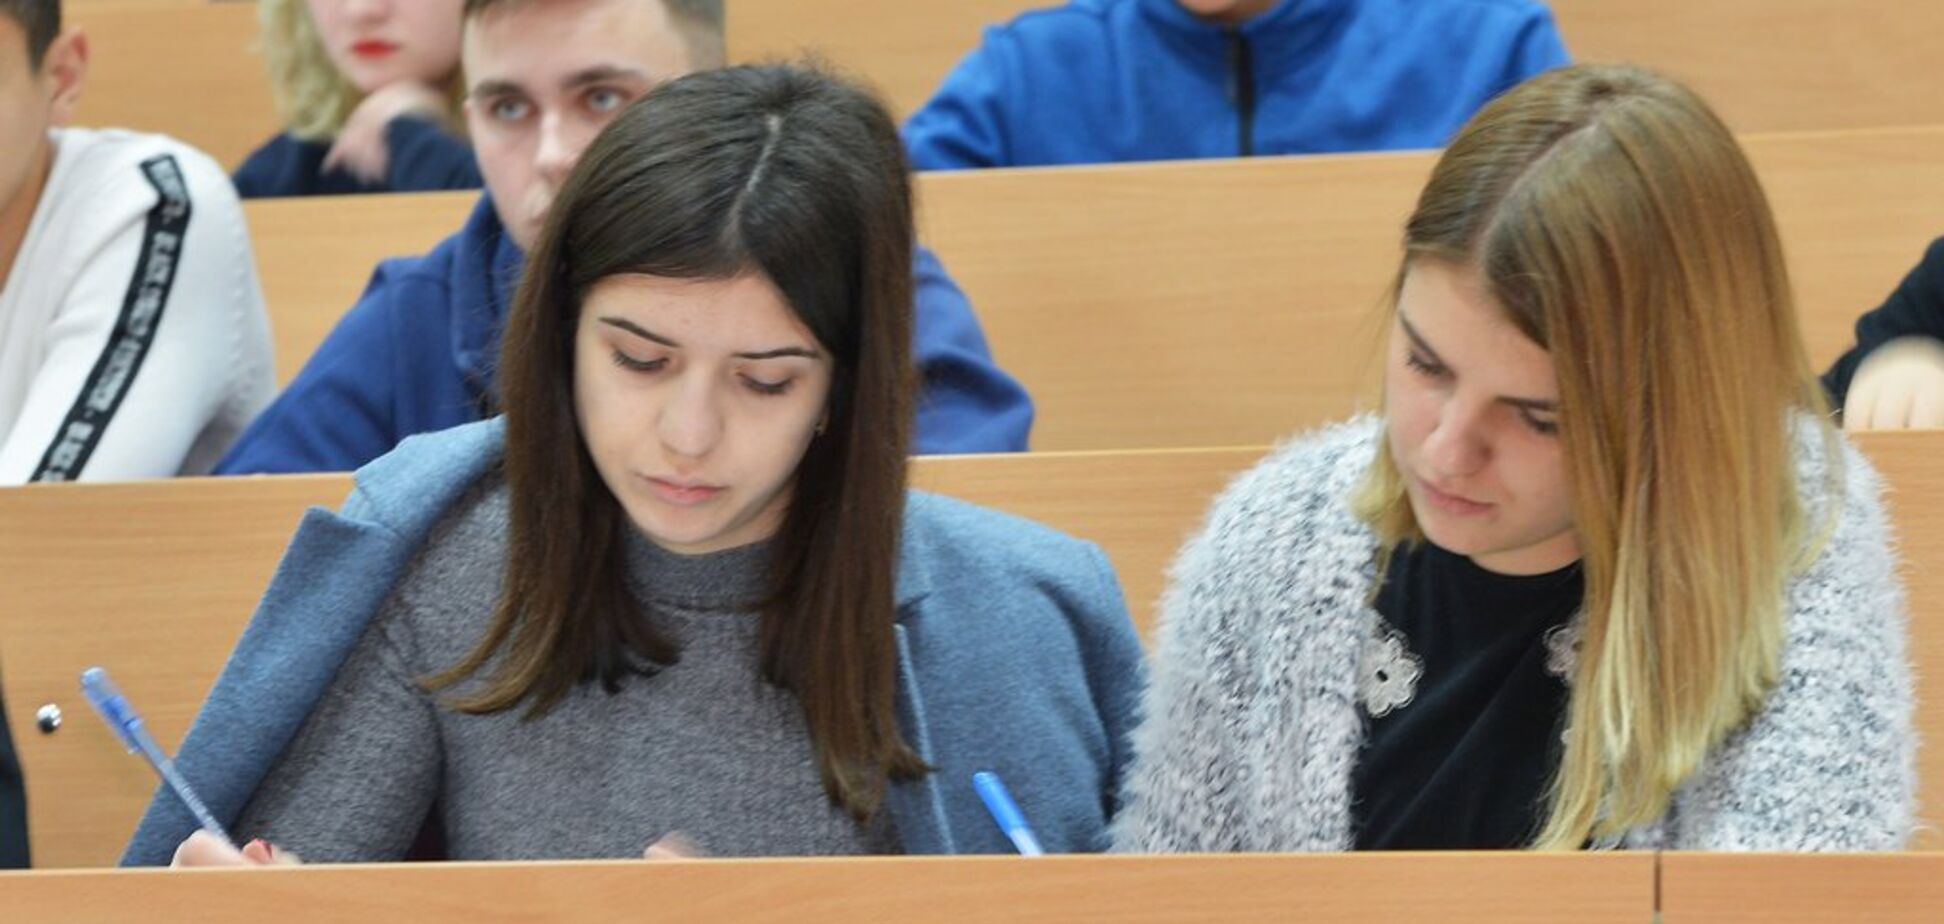 8 600 студентів з 51 ВНЗ підтримали всеукраїнський конкурс 'Авіатор 2020'